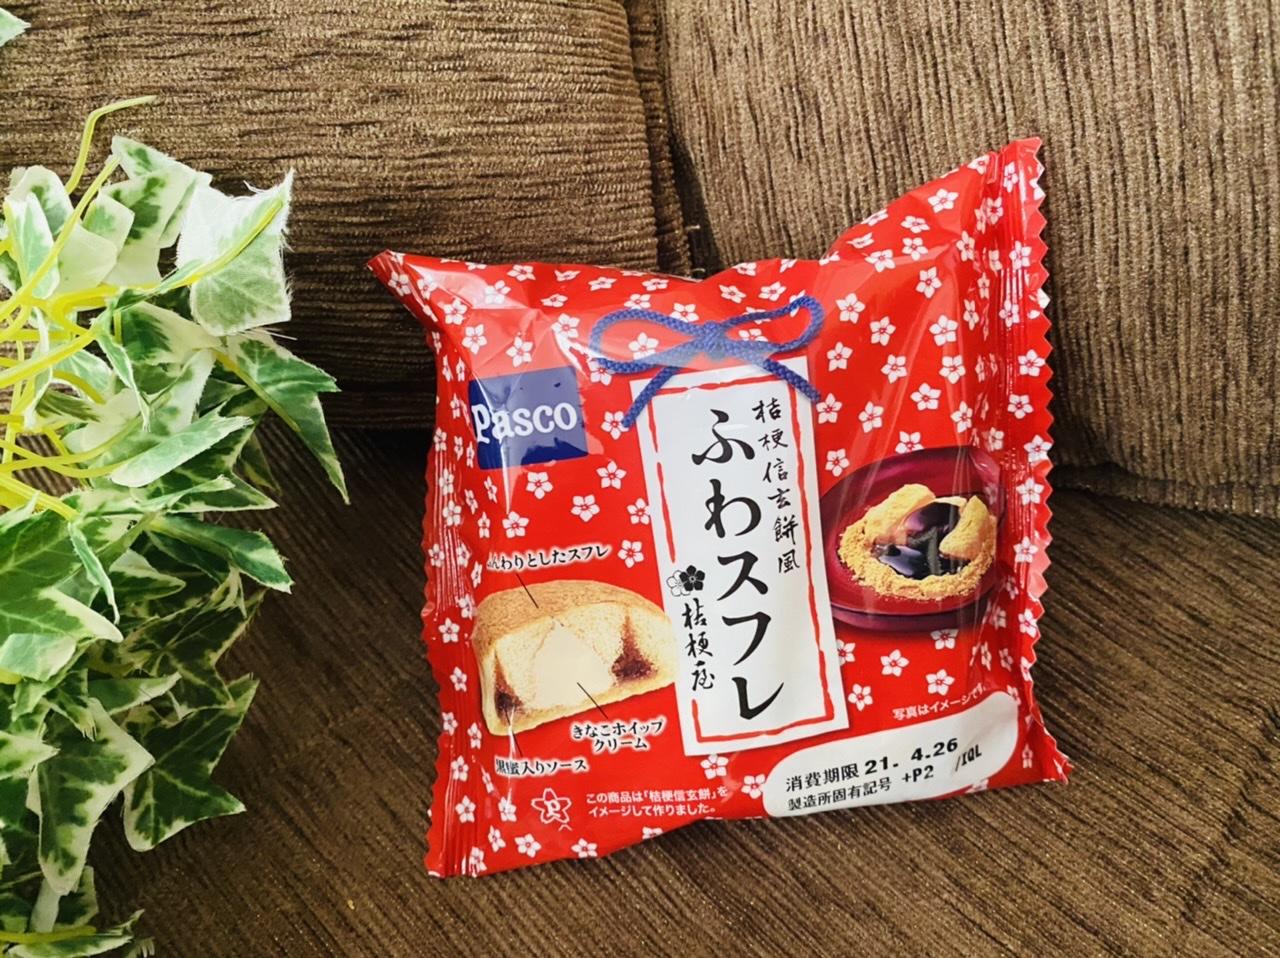 【ファミマ】和菓子好き必見!絶対美味しい♡きな粉×黒蜜《桔梗信玄餅風 ふわスフレ》_1